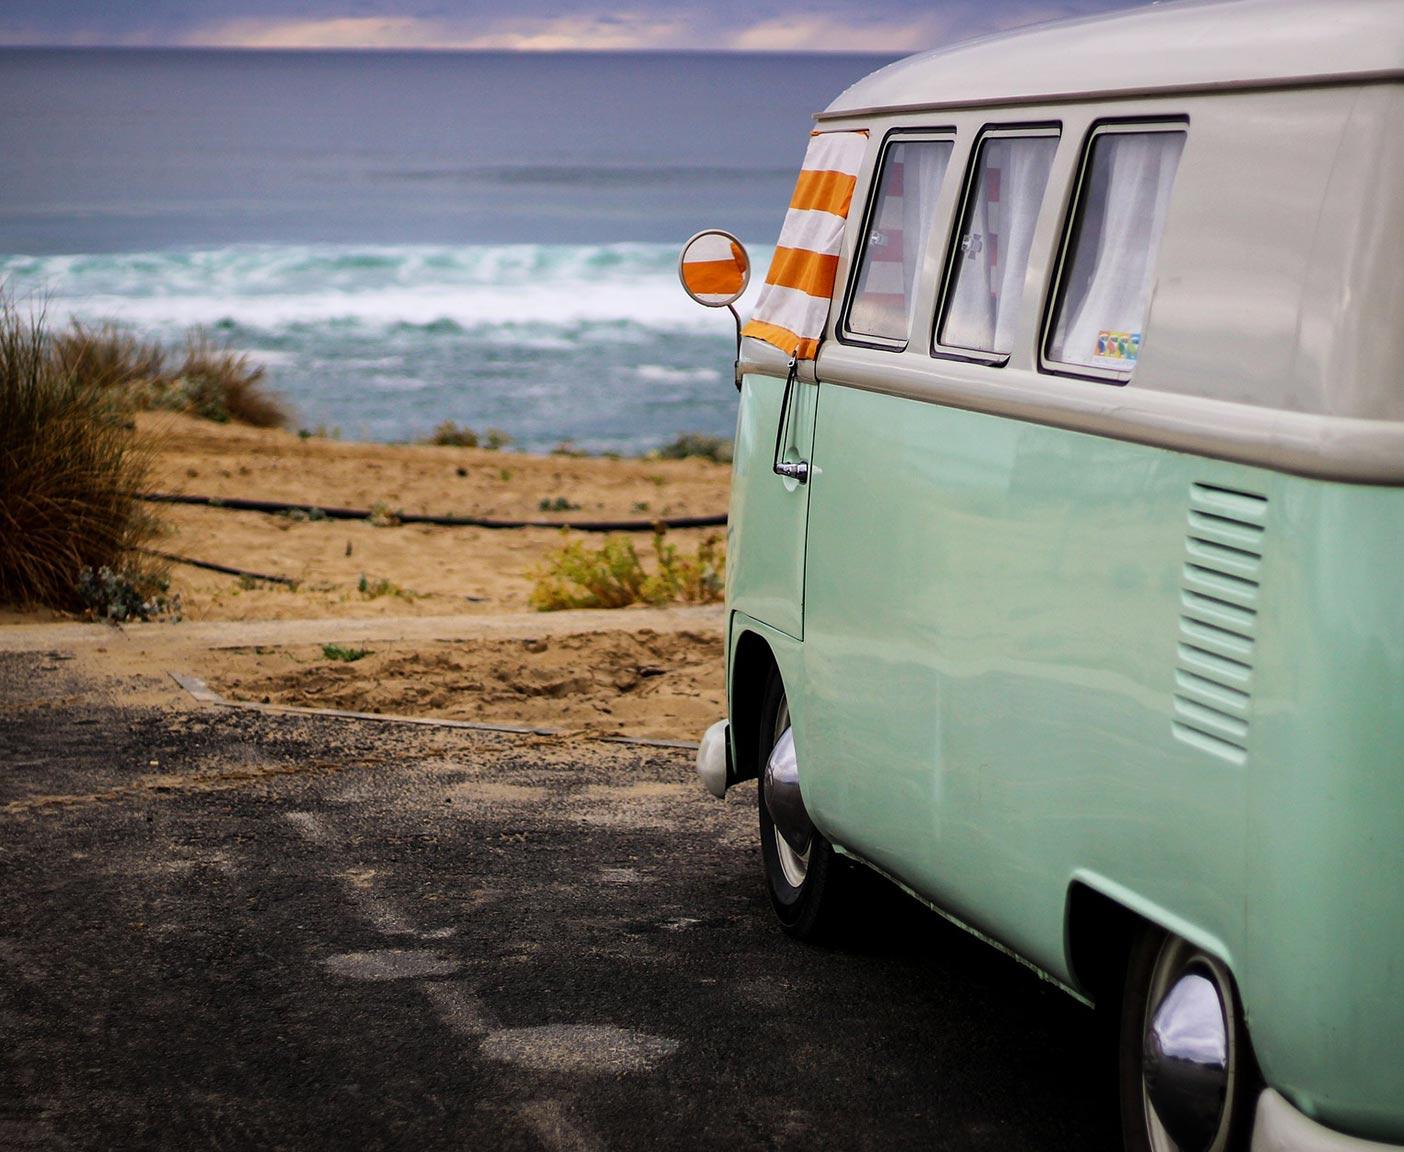 VW Camper in hellblau steht an der Küste am Strand, orange-weiße Handtücher hängen als Sonnenschutz in den Fenstern